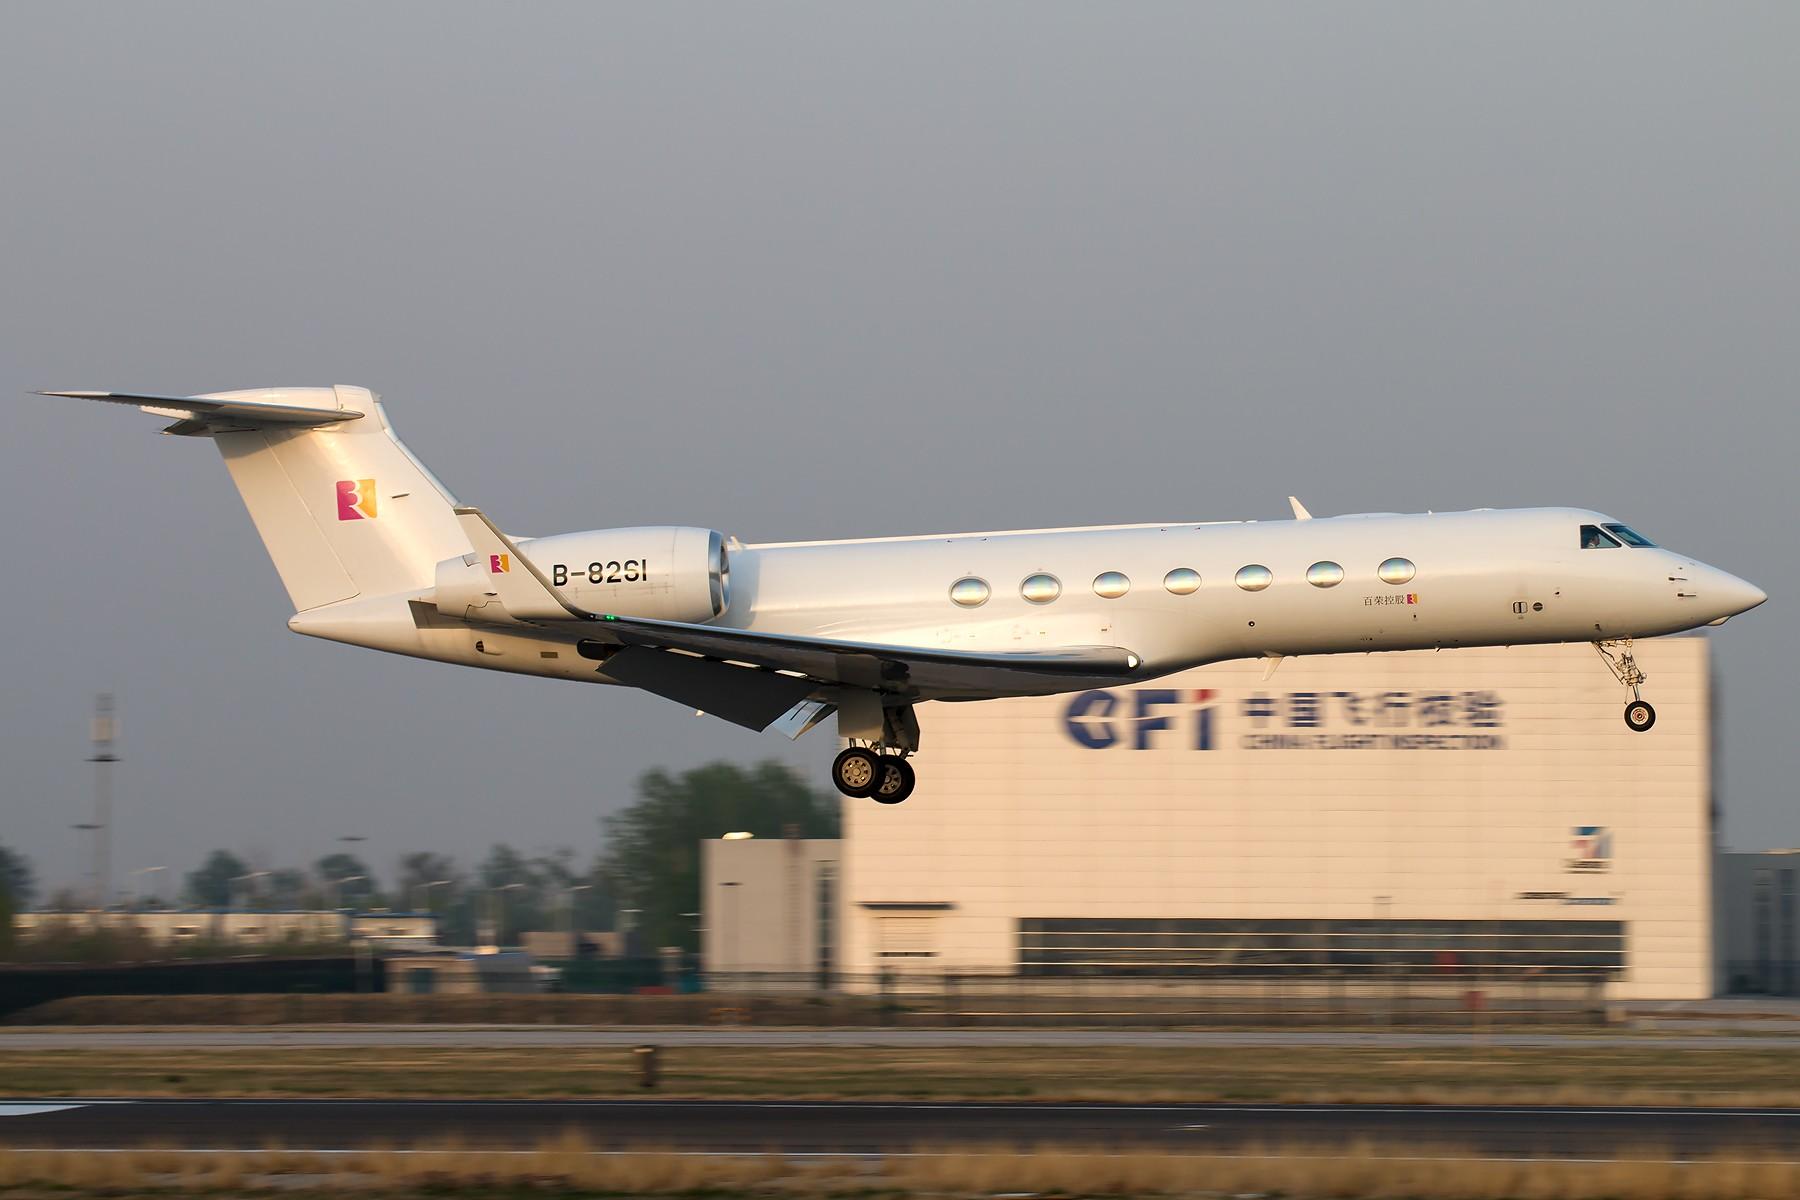 Re:[原创]杂图一组 [10pics] GULFSTREAM G550 B-8261 中国北京首都国际机场